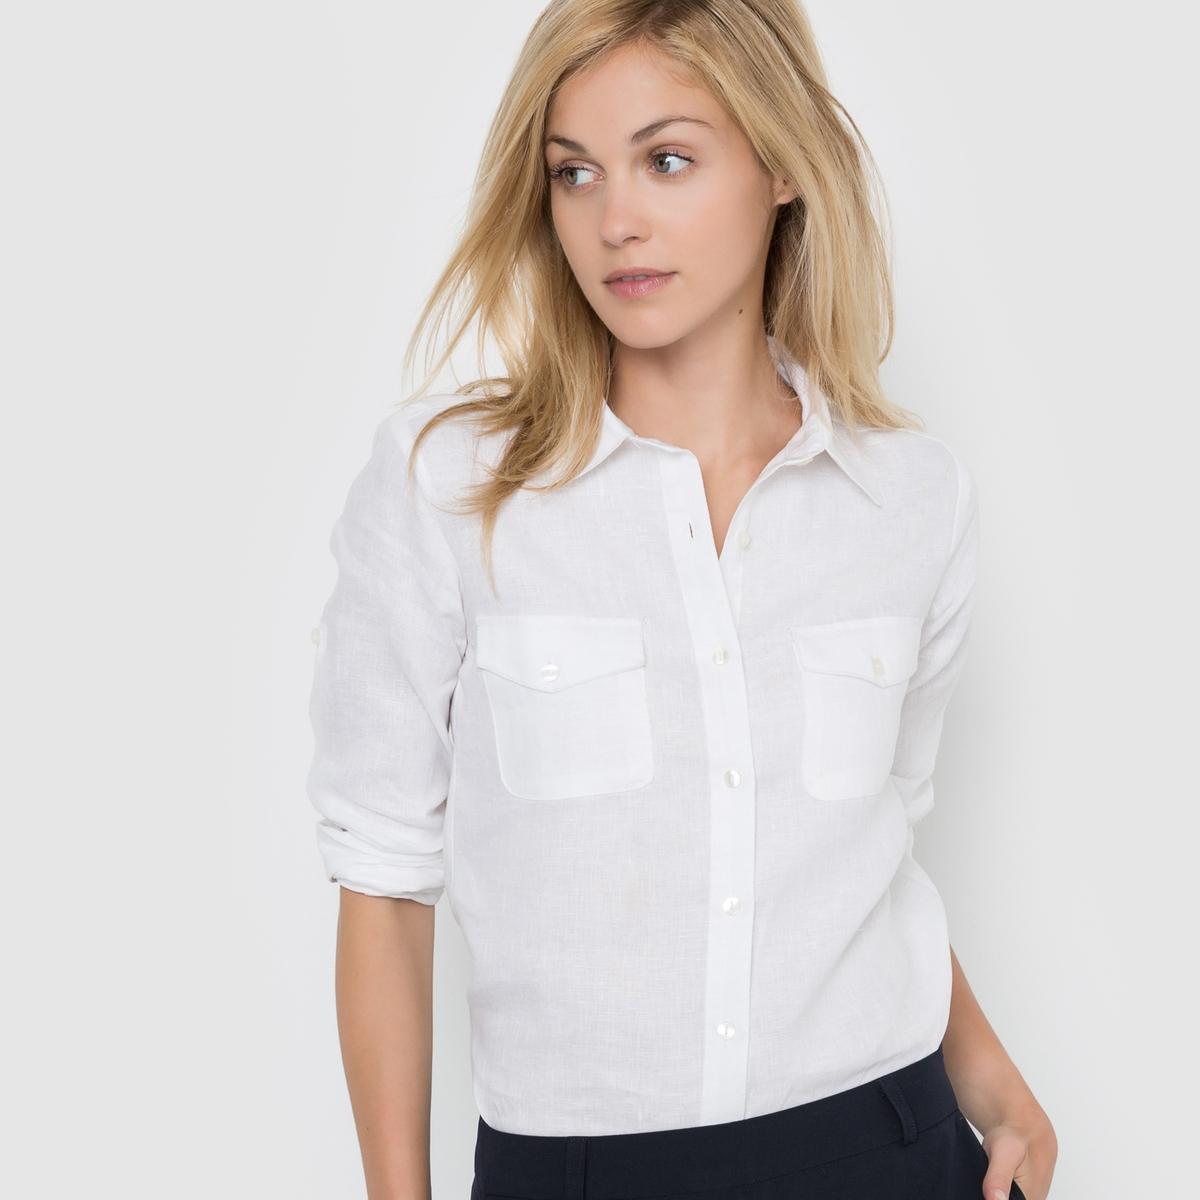 Рубашка с длинными рукавами, 100% ленРубашка из 100% льна. Длинные рукава можно отворачивать. Низ рукавов с пуговицами. Накладные карманы с клапанами на пуговицах. Закругленный низ. Длина ок.67 см.<br><br>Цвет: белый,желто-каштановый,розовый-вишневый,серо-бежевый,синий морской<br>Размер: 42 (FR) - 48 (RUS).40 (FR) - 46 (RUS).36 (FR) - 42 (RUS).42 (FR) - 48 (RUS).46 (FR) - 52 (RUS).50 (FR) - 56 (RUS).40 (FR) - 46 (RUS).44 (FR) - 50 (RUS).48 (FR) - 54 (RUS).46 (FR) - 52 (RUS).50 (FR) - 56 (RUS).40 (FR) - 46 (RUS).36 (FR) - 42 (RUS).44 (FR) - 50 (RUS).48 (FR) - 54 (RUS).42 (FR) - 48 (RUS).40 (FR) - 46 (RUS).34 (FR) - 40 (RUS).42 (FR) - 48 (RUS).46 (FR) - 52 (RUS).40 (FR) - 46 (RUS).44 (FR) - 50 (RUS)